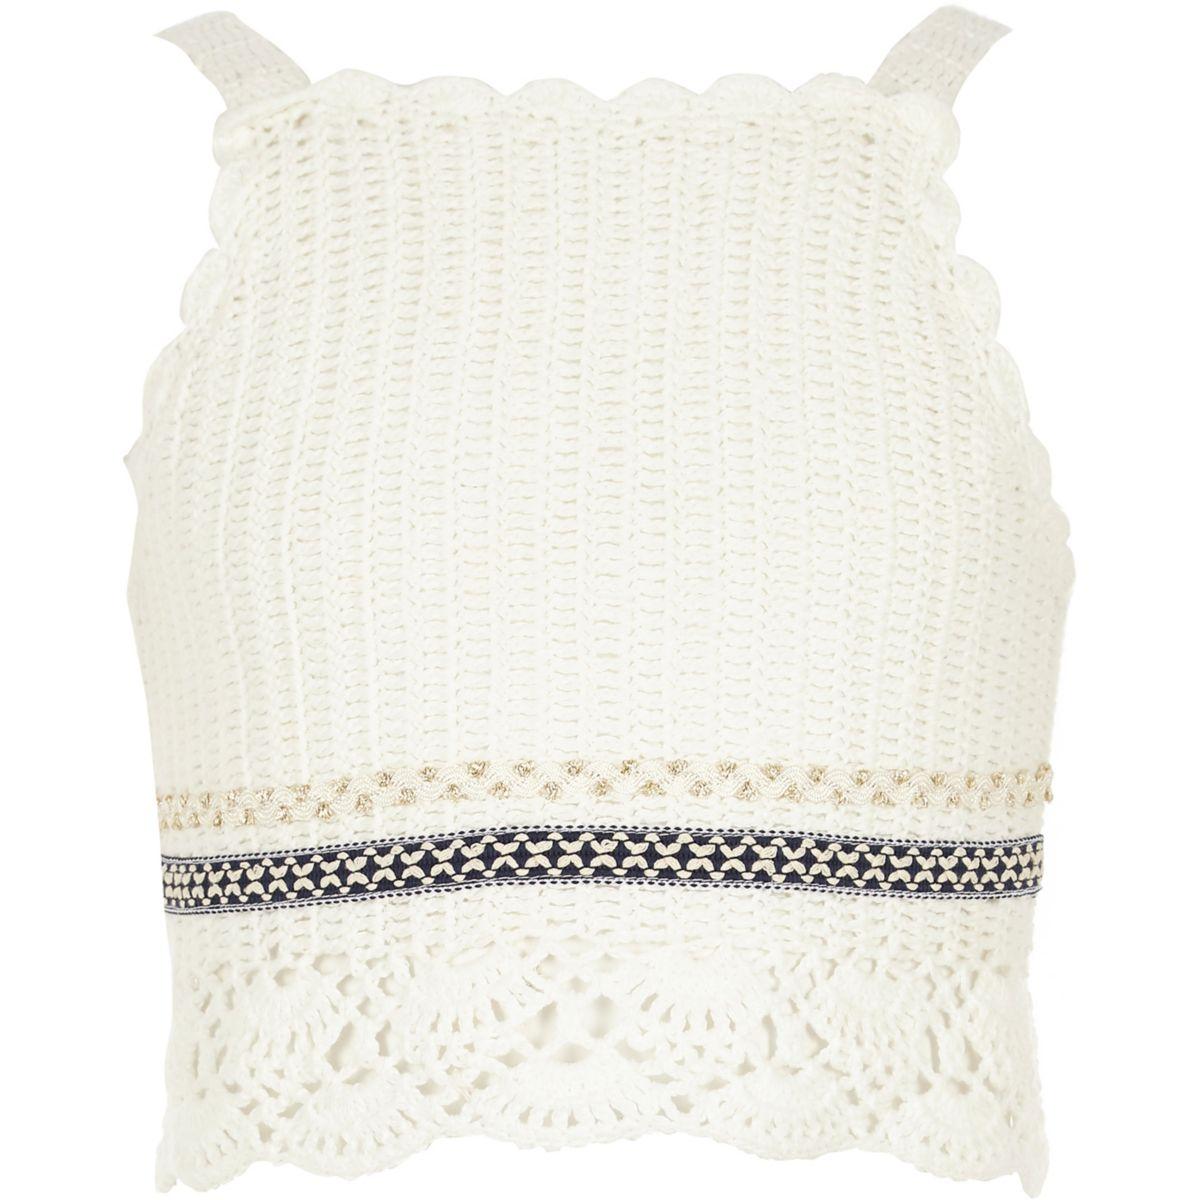 Crop top blanc au crochet pour fille